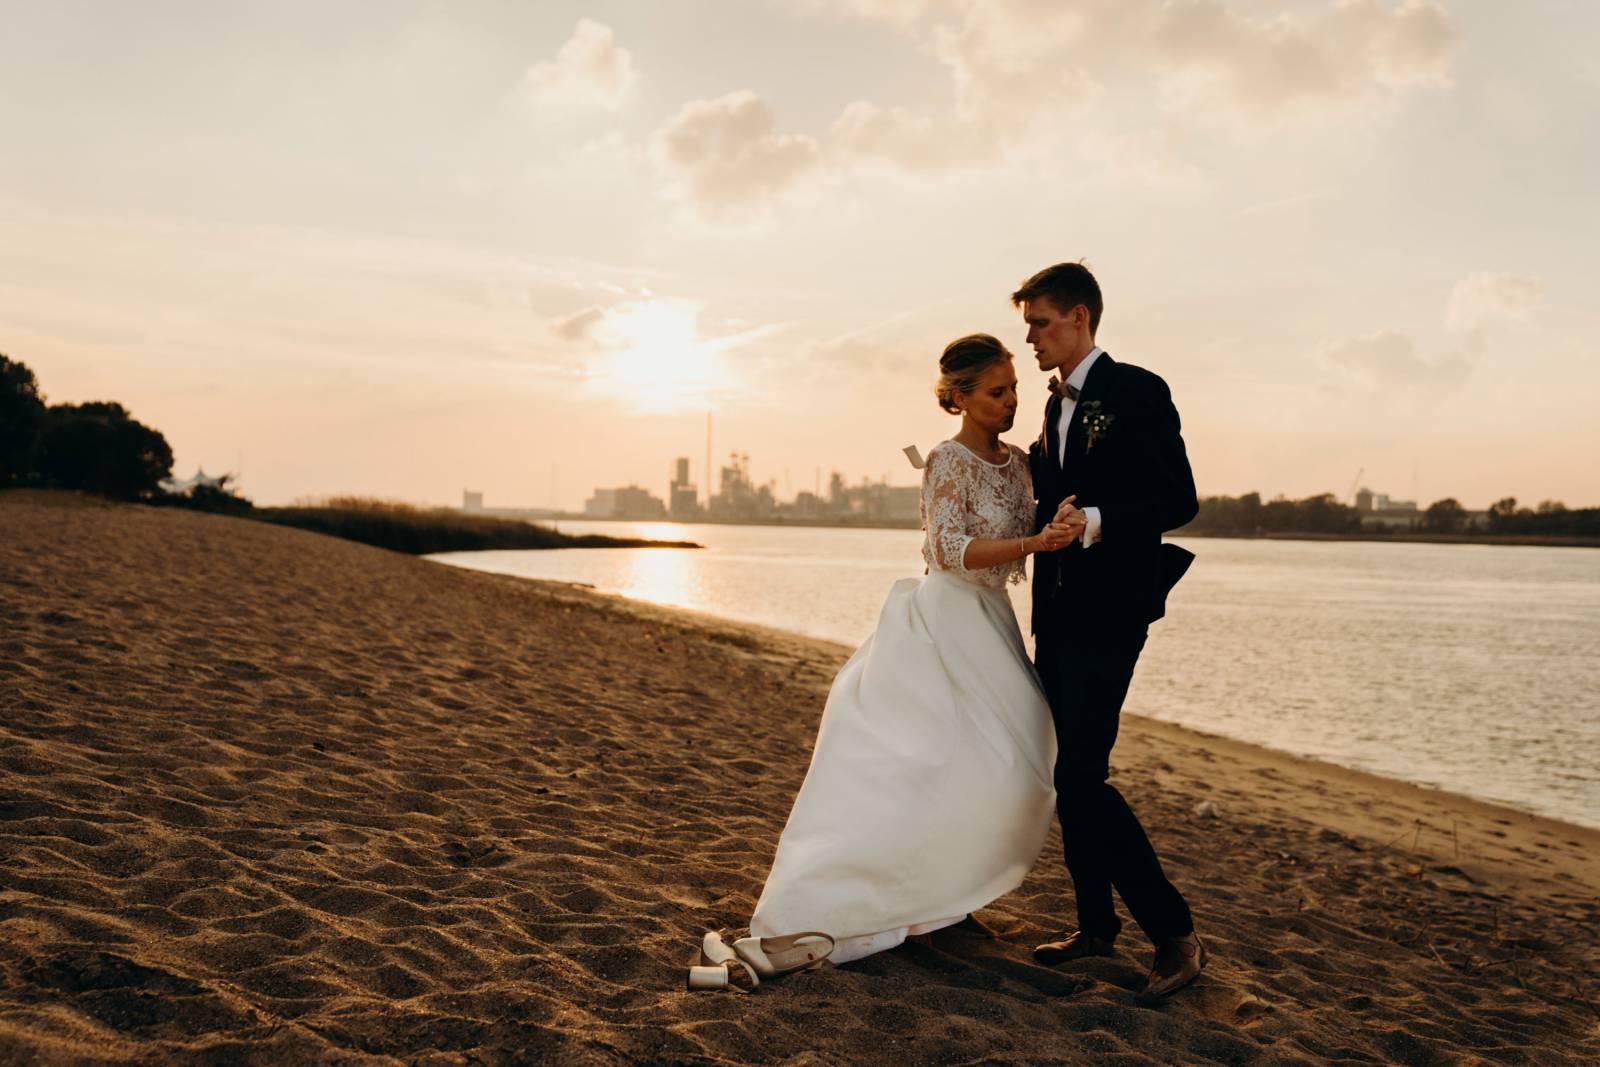 Frankie and Fish - Trouwfotograaf - Huwelijksfotograaf - Bruidsfotograaf - House of Weddings - 26